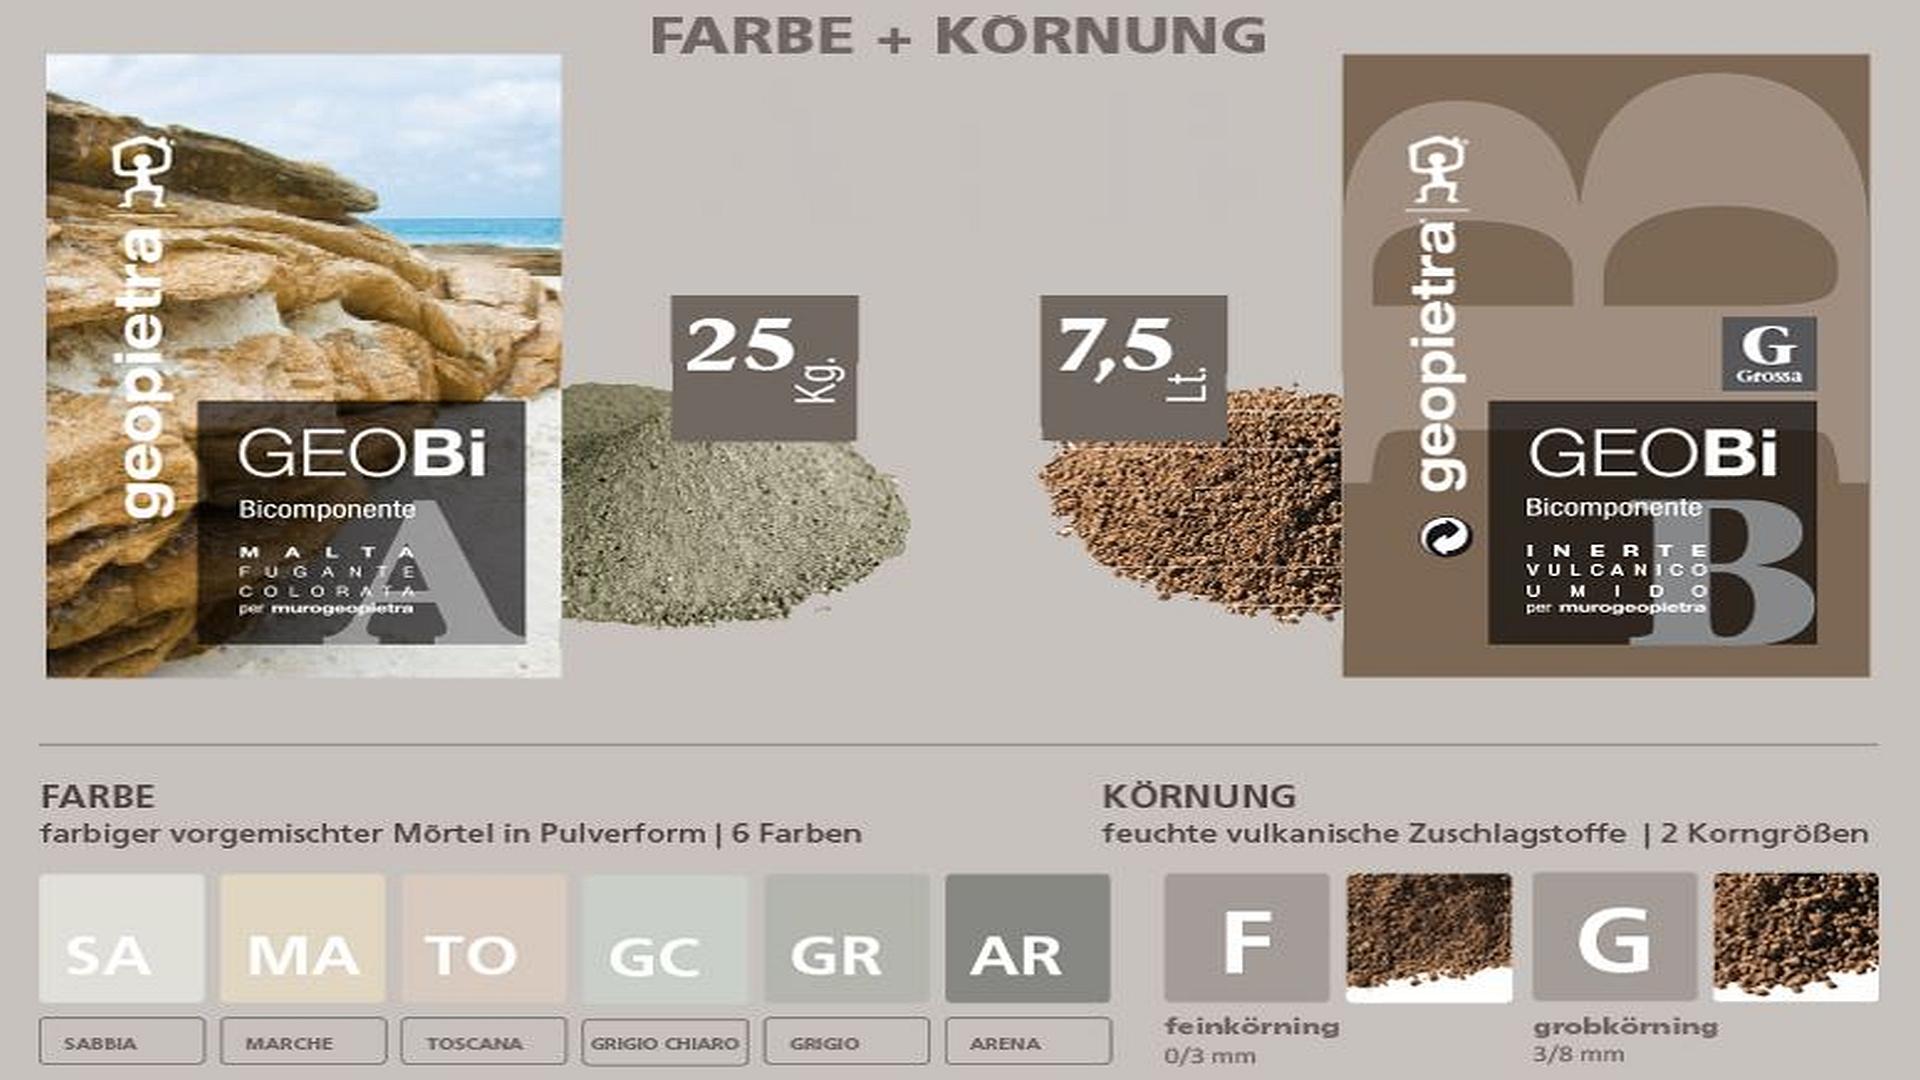 GEOPIETRA - Geobi Fugenmörtel - 2 Komponenten